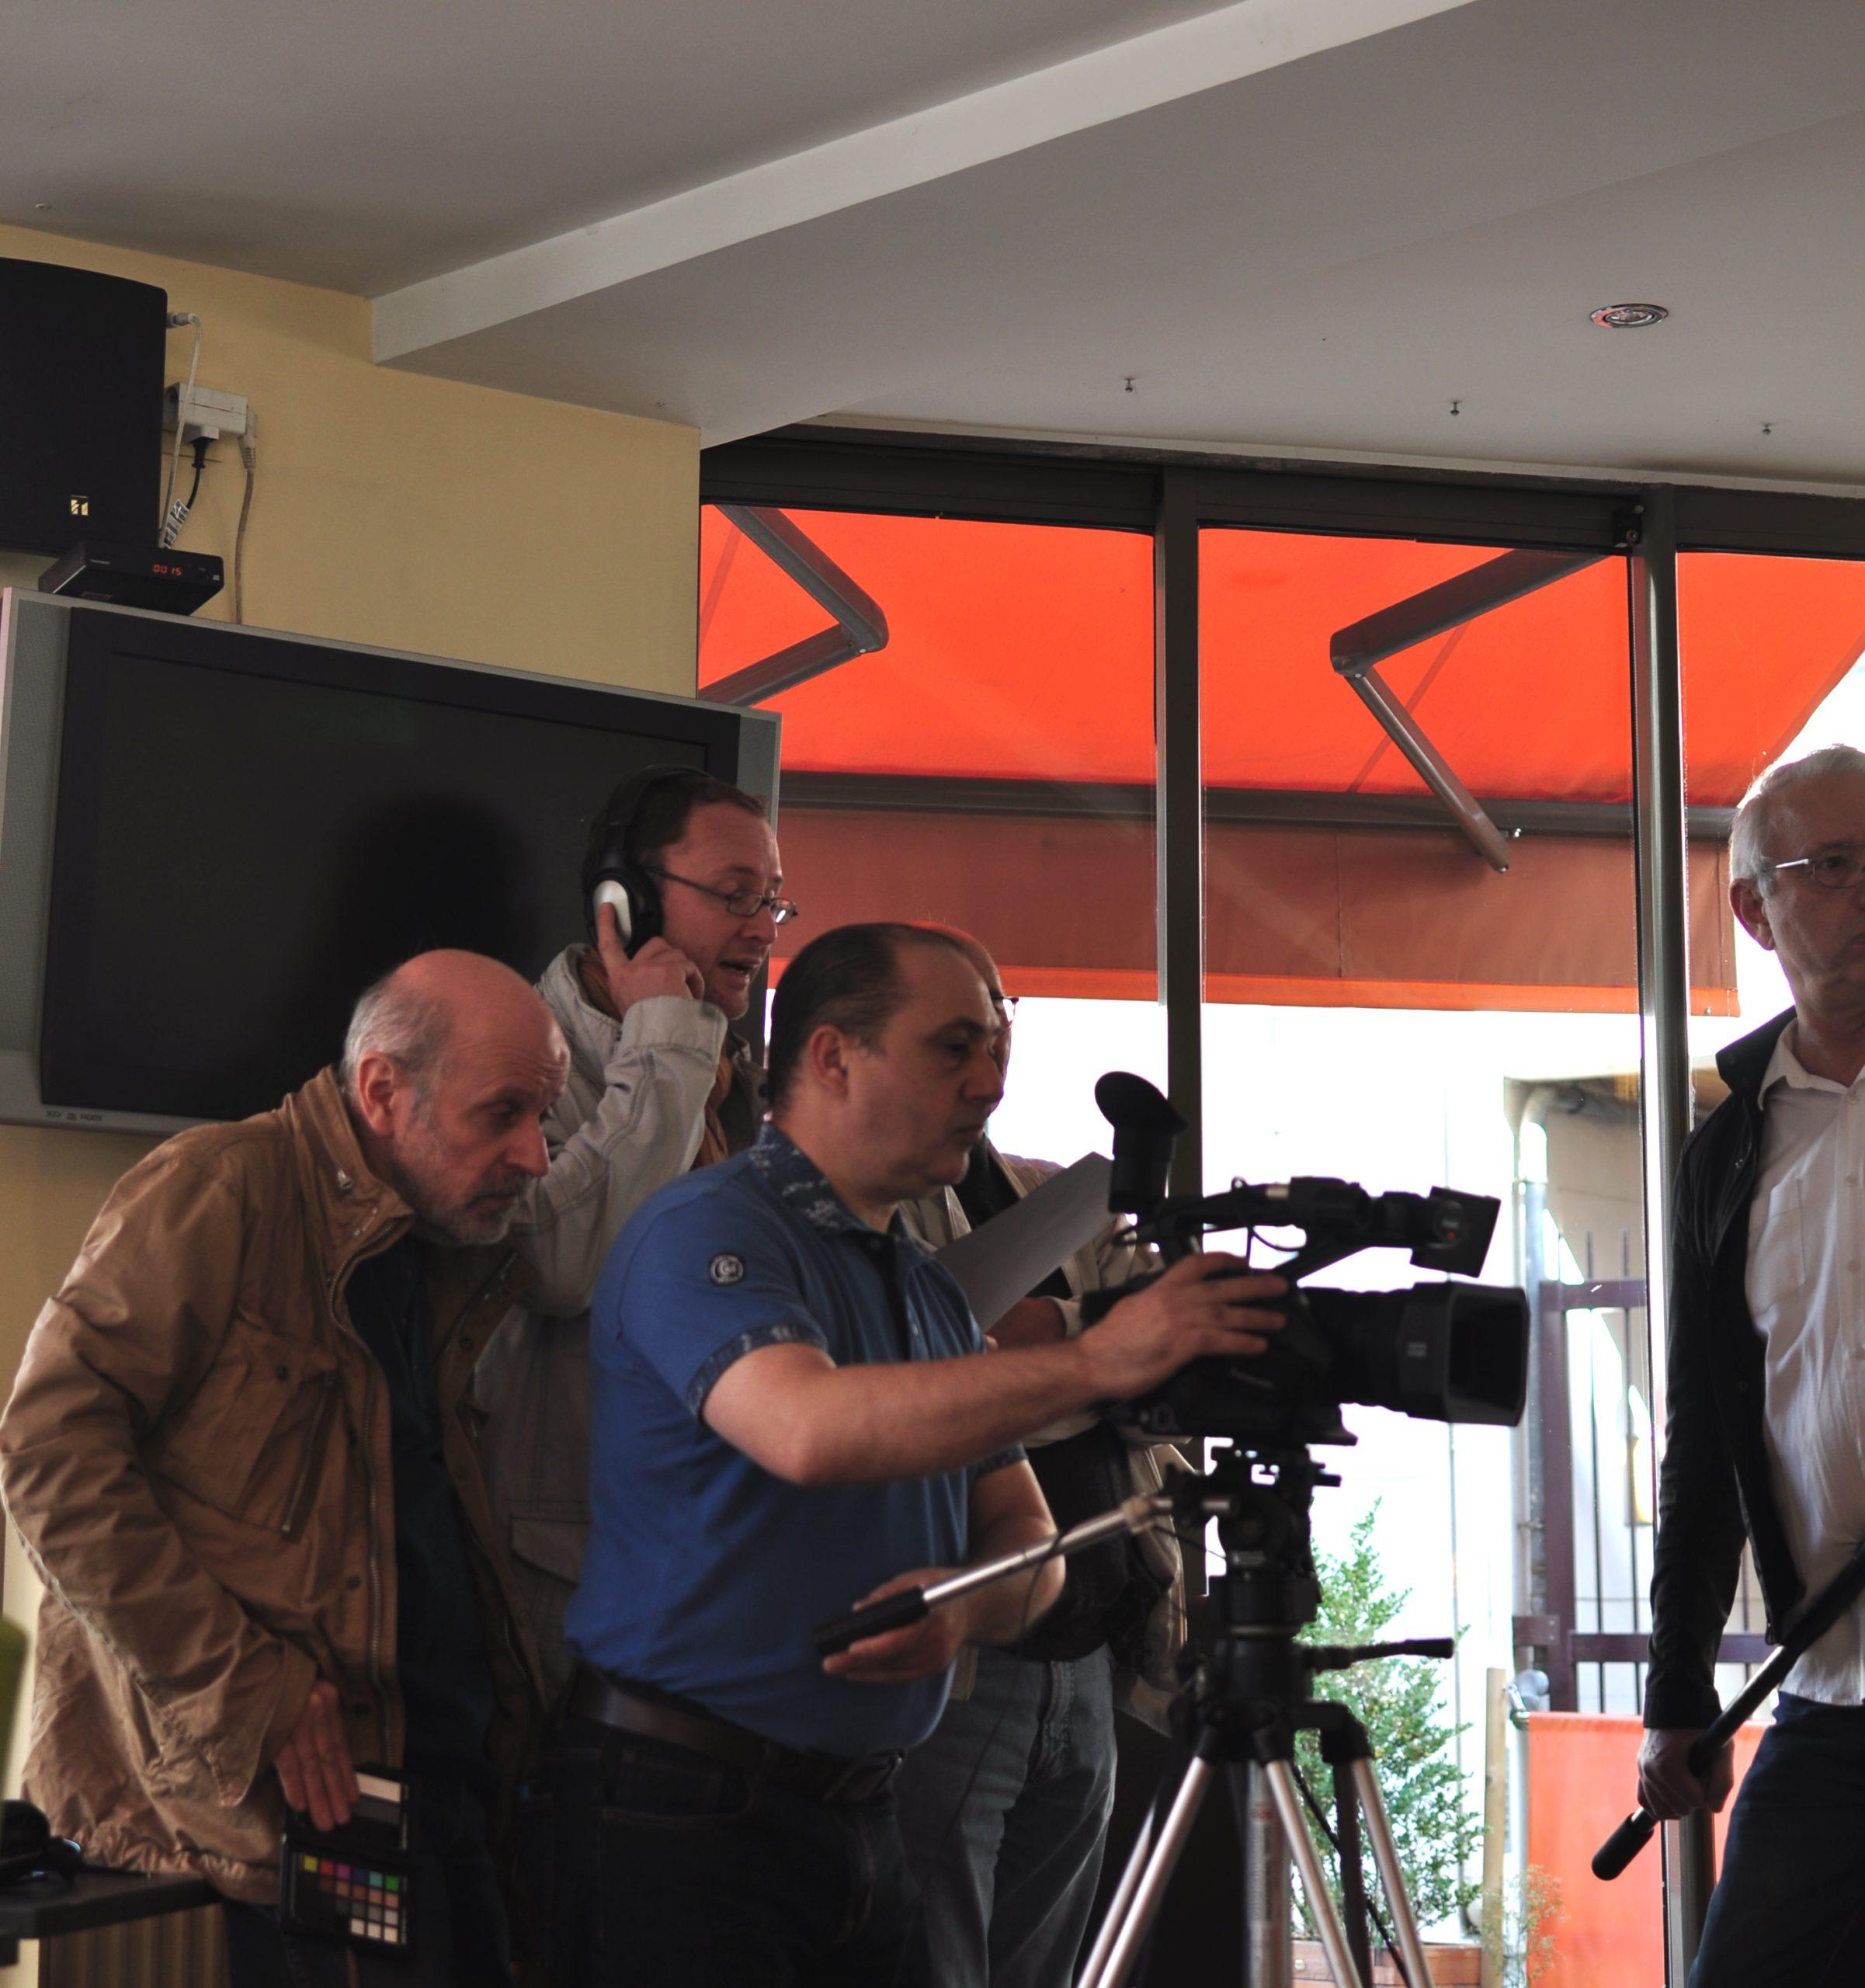 Tontons cadreurs 48hfp 2016 Portrait de famille tournage 18